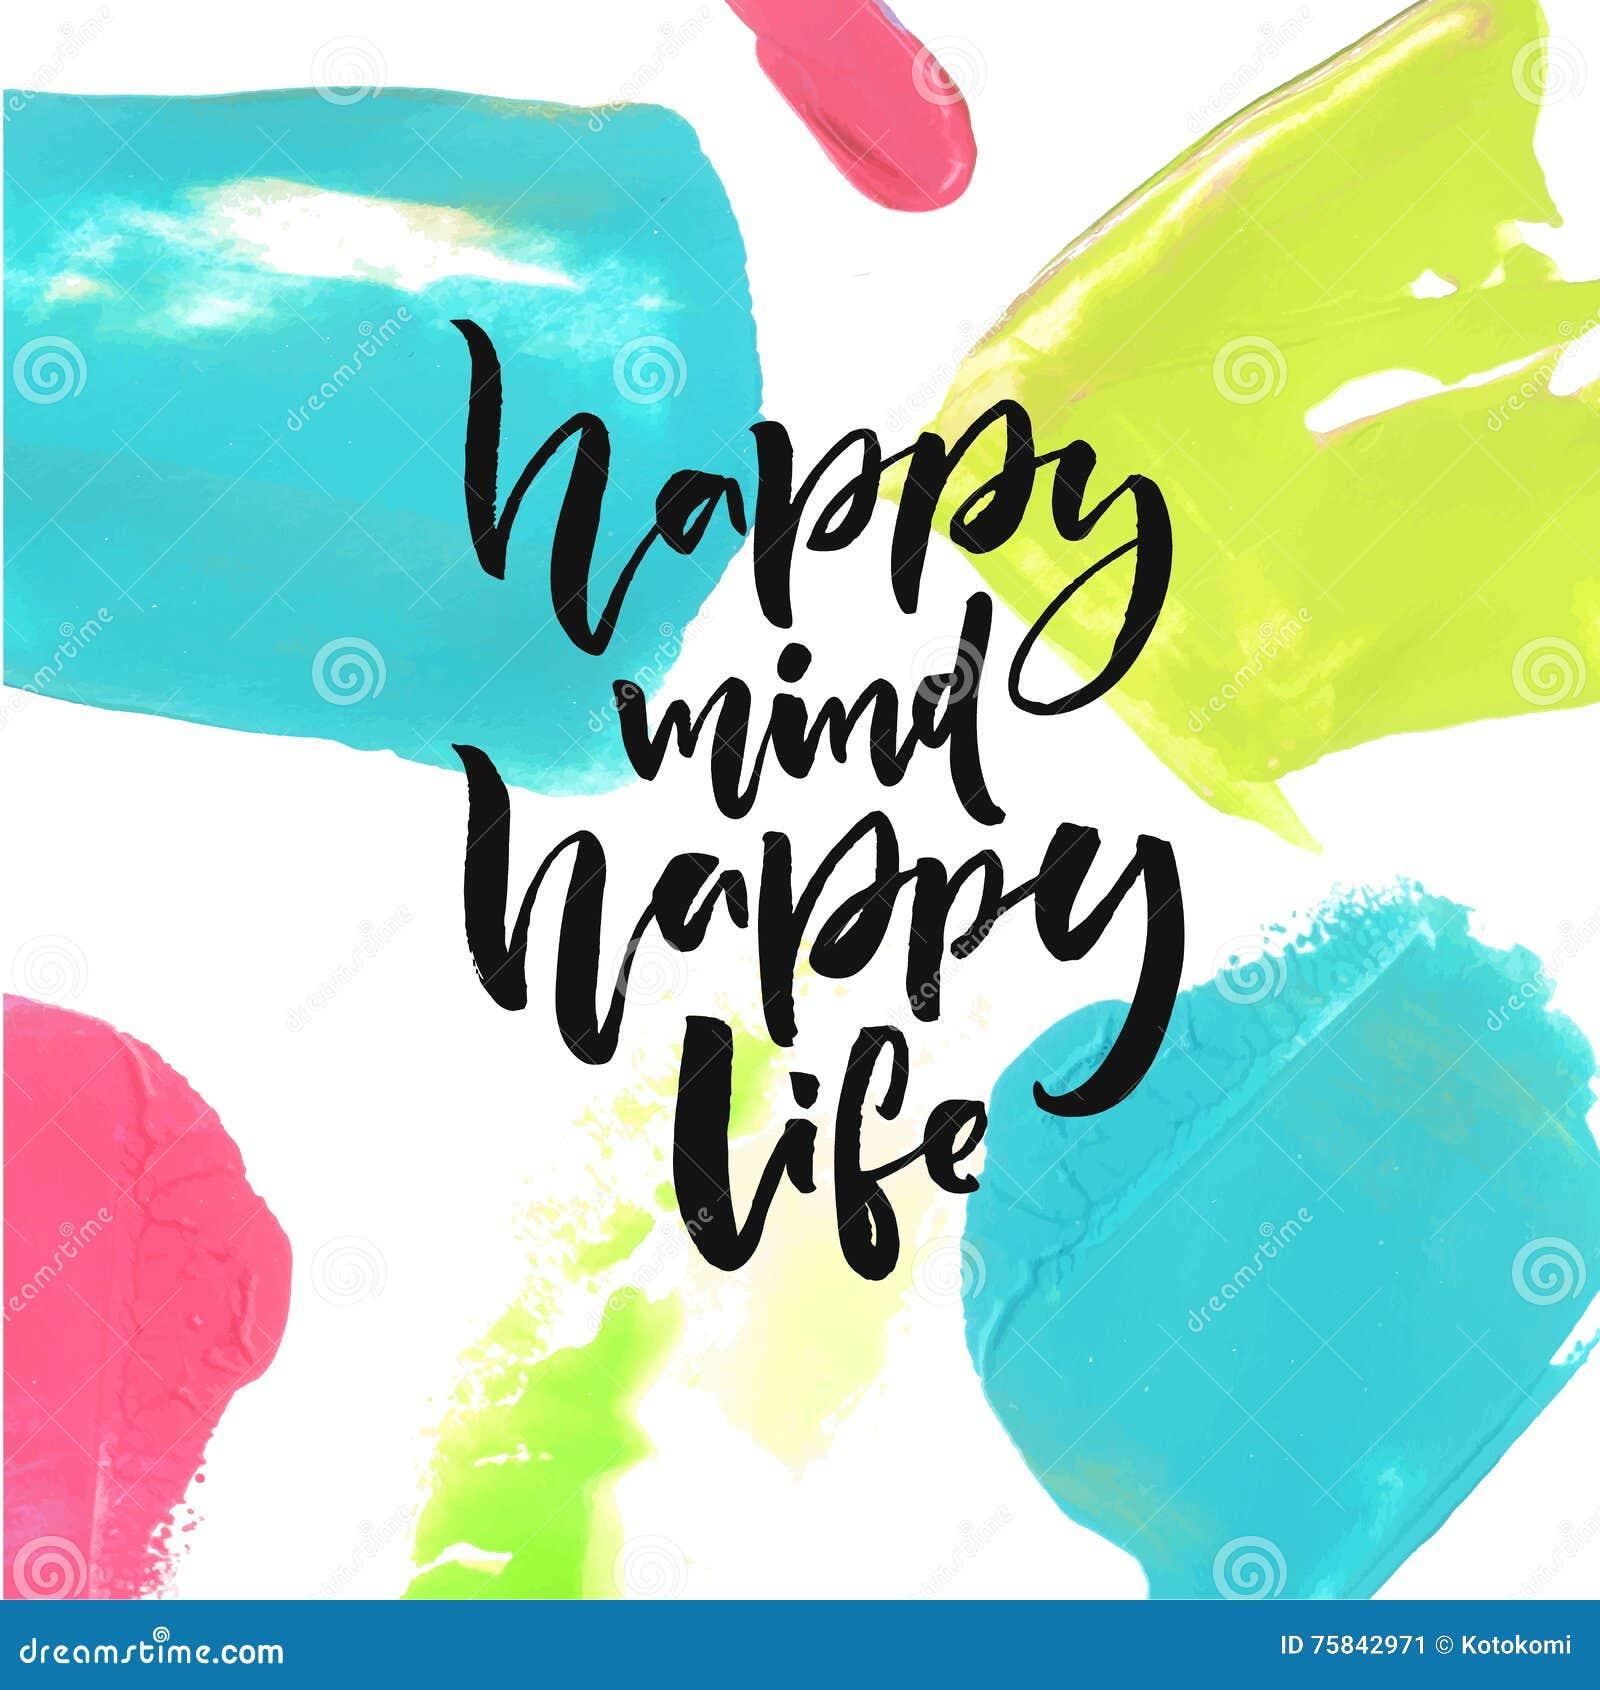 Ευτυχές μυαλό, ευτυχισμένη ζωή Θετικό που λέει για την ευτυχία και τον τρόπο ζωής Σχέδιο αποσπάσματος εγγραφής βουρτσών